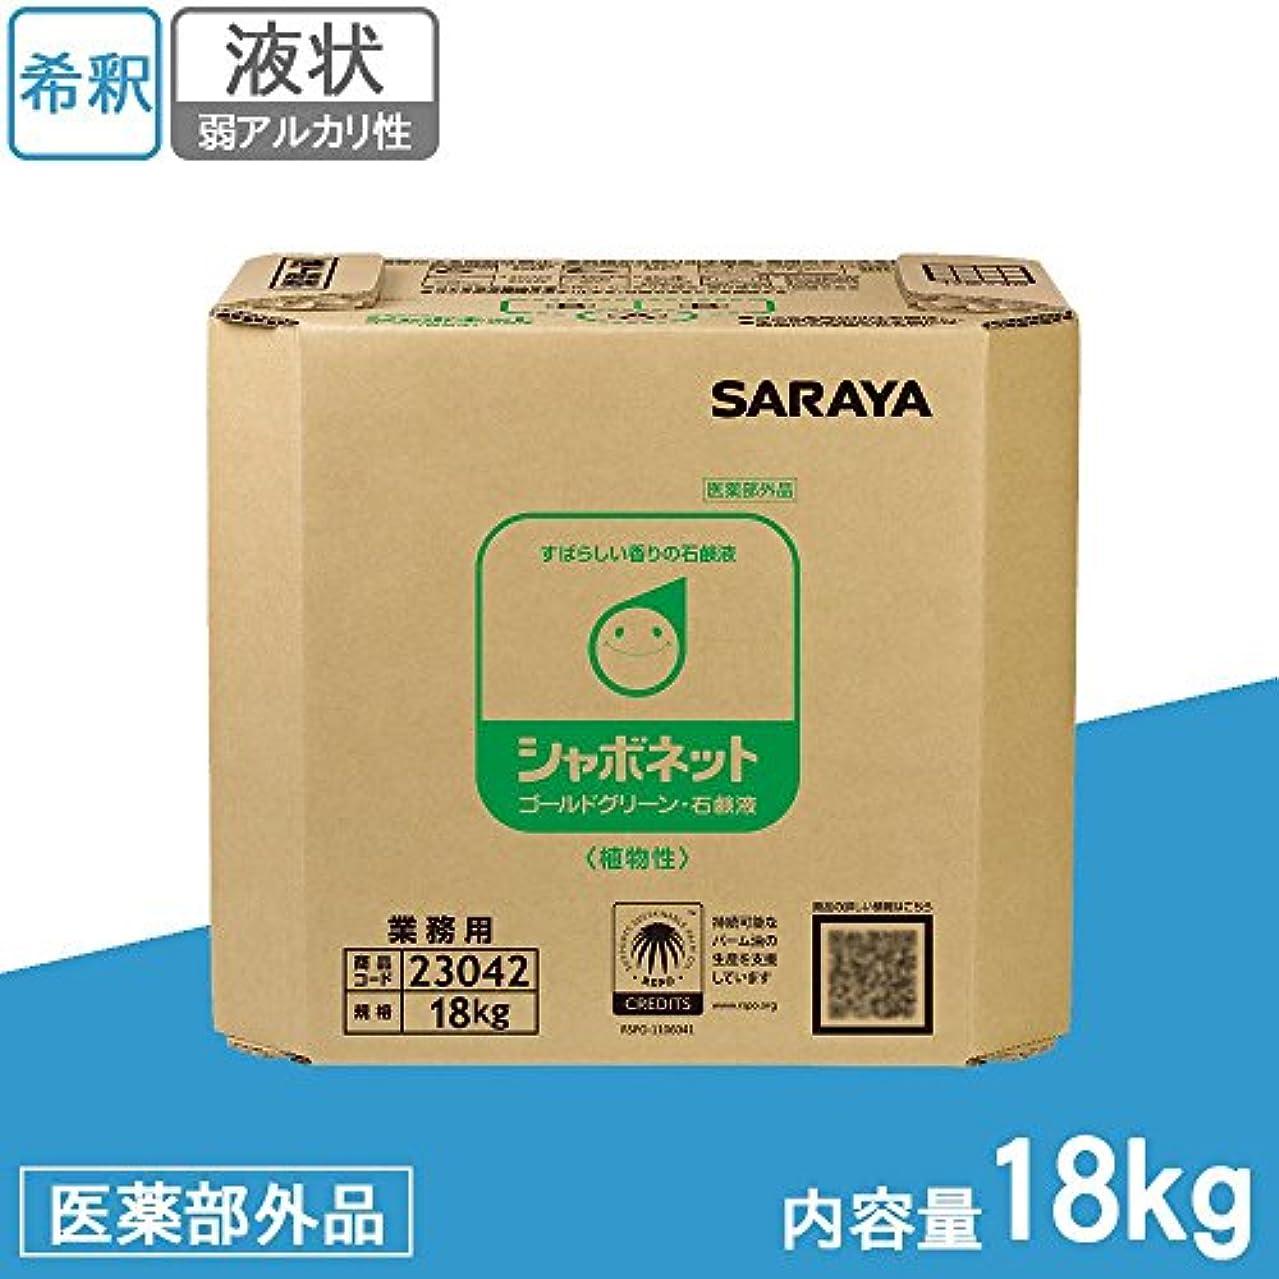 ハードウェア予防接種ブルジョンサラヤ 業務用 手洗い用石けん液 シャボネットゴールドグリーン スズランの香り 18kg BIB 23042 (医薬部外品)